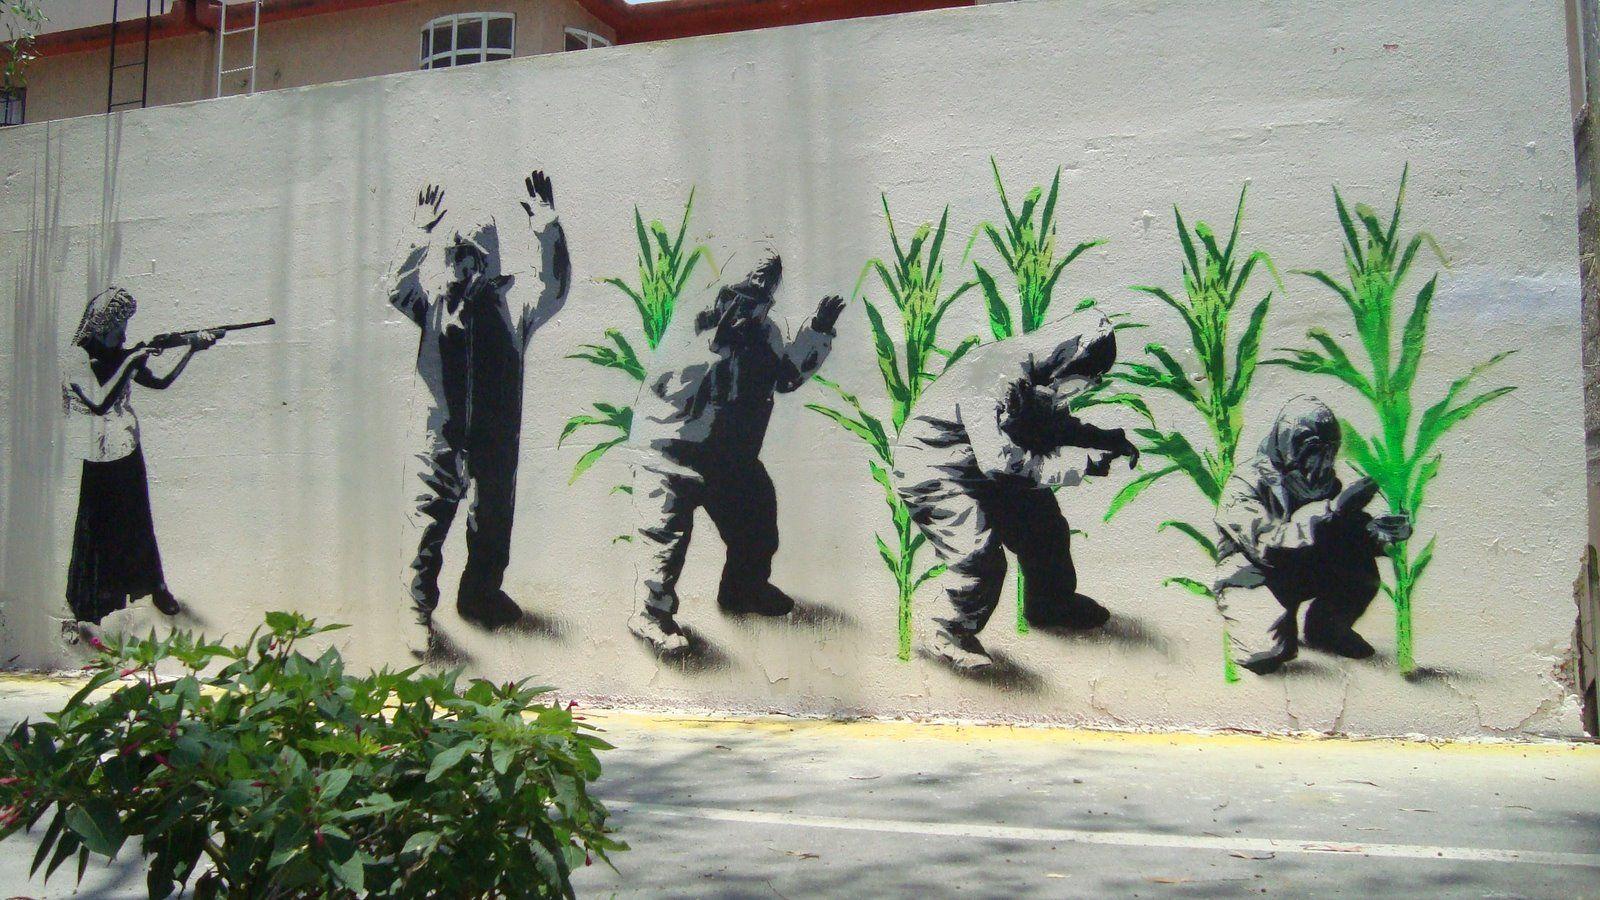 cultivos transgénicos arte urbano